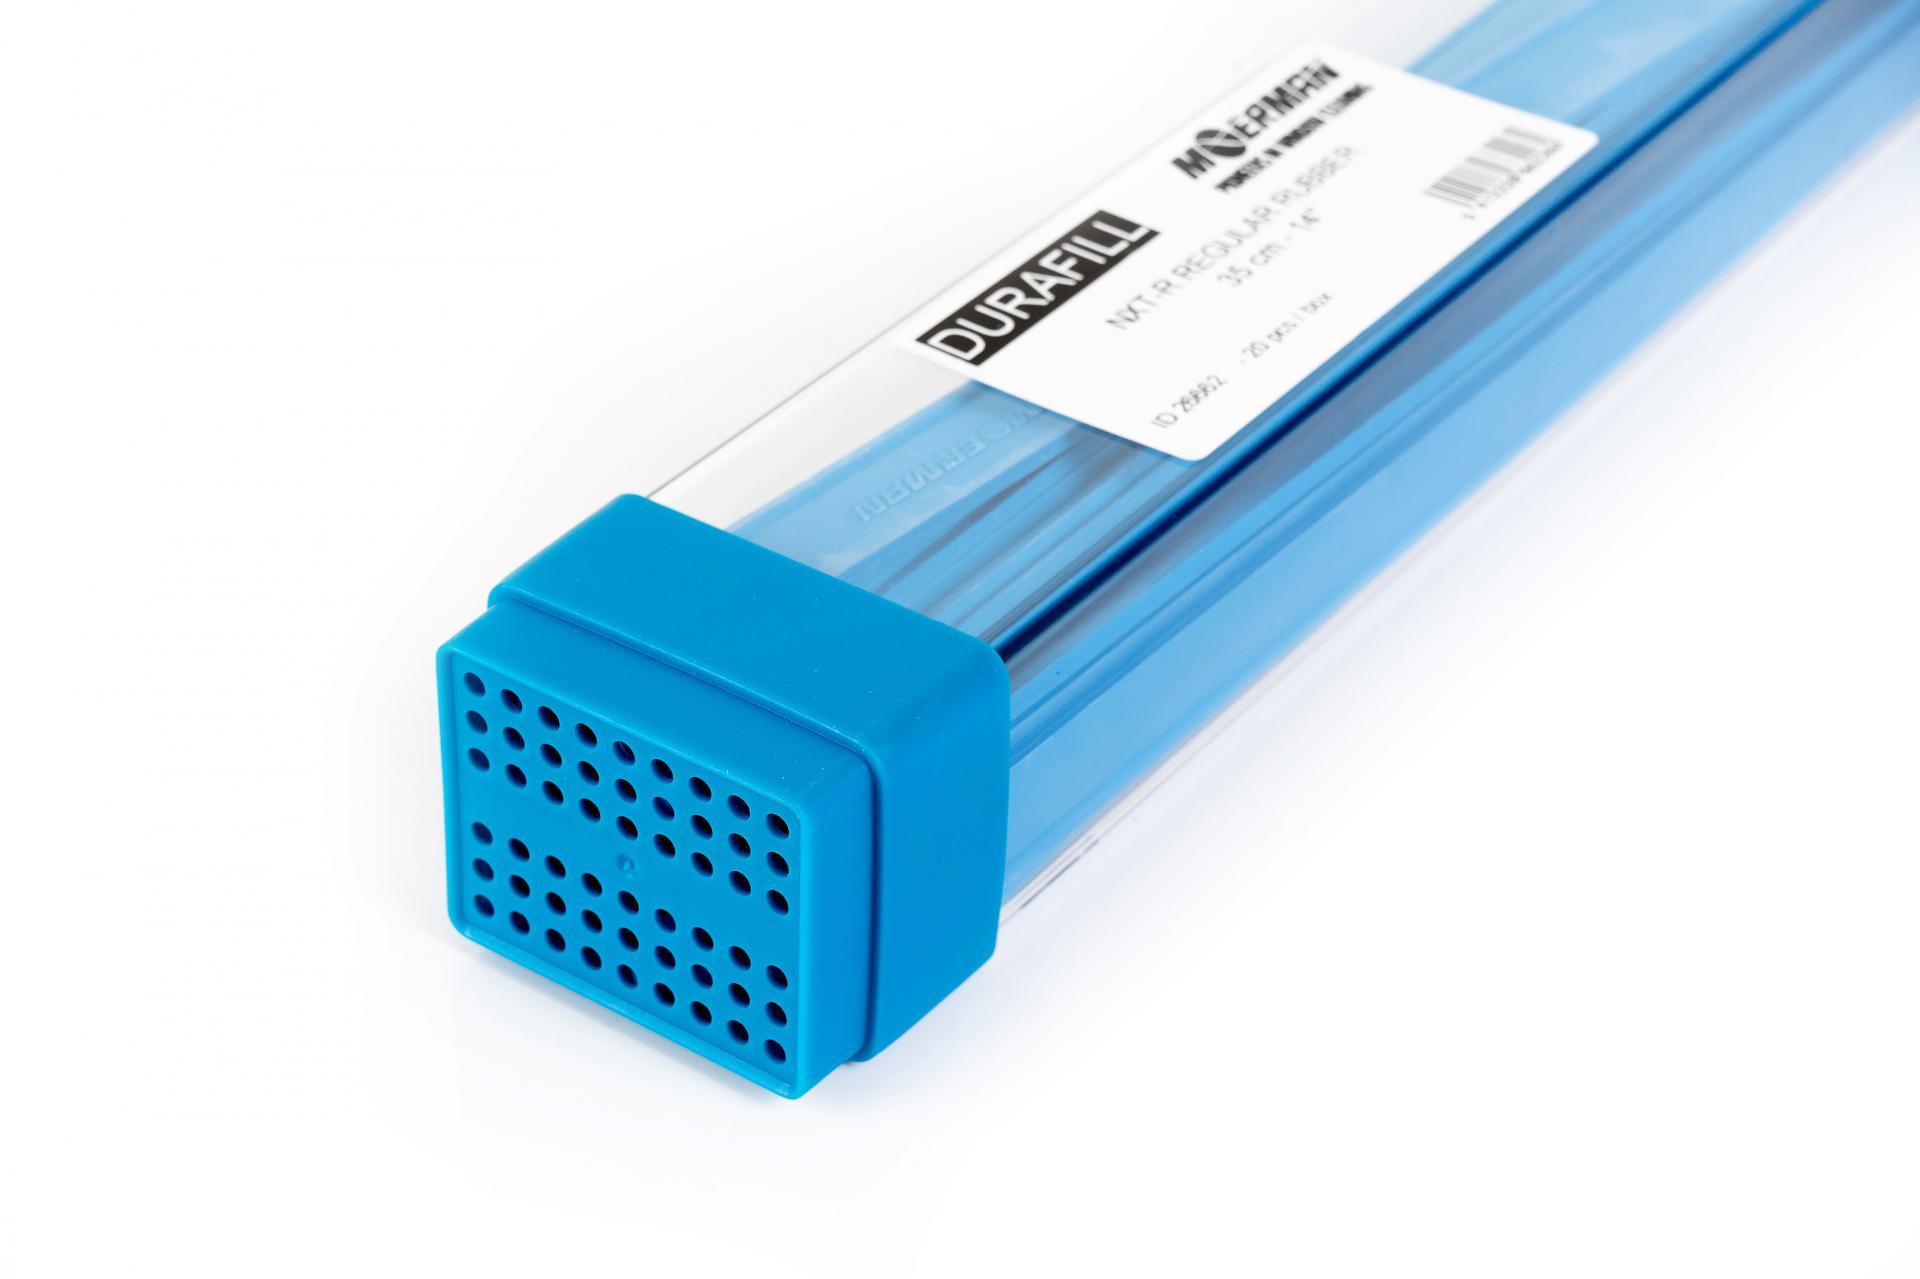 Caja para guardar gomas Limpiacristales (Medida 45 cm largo)